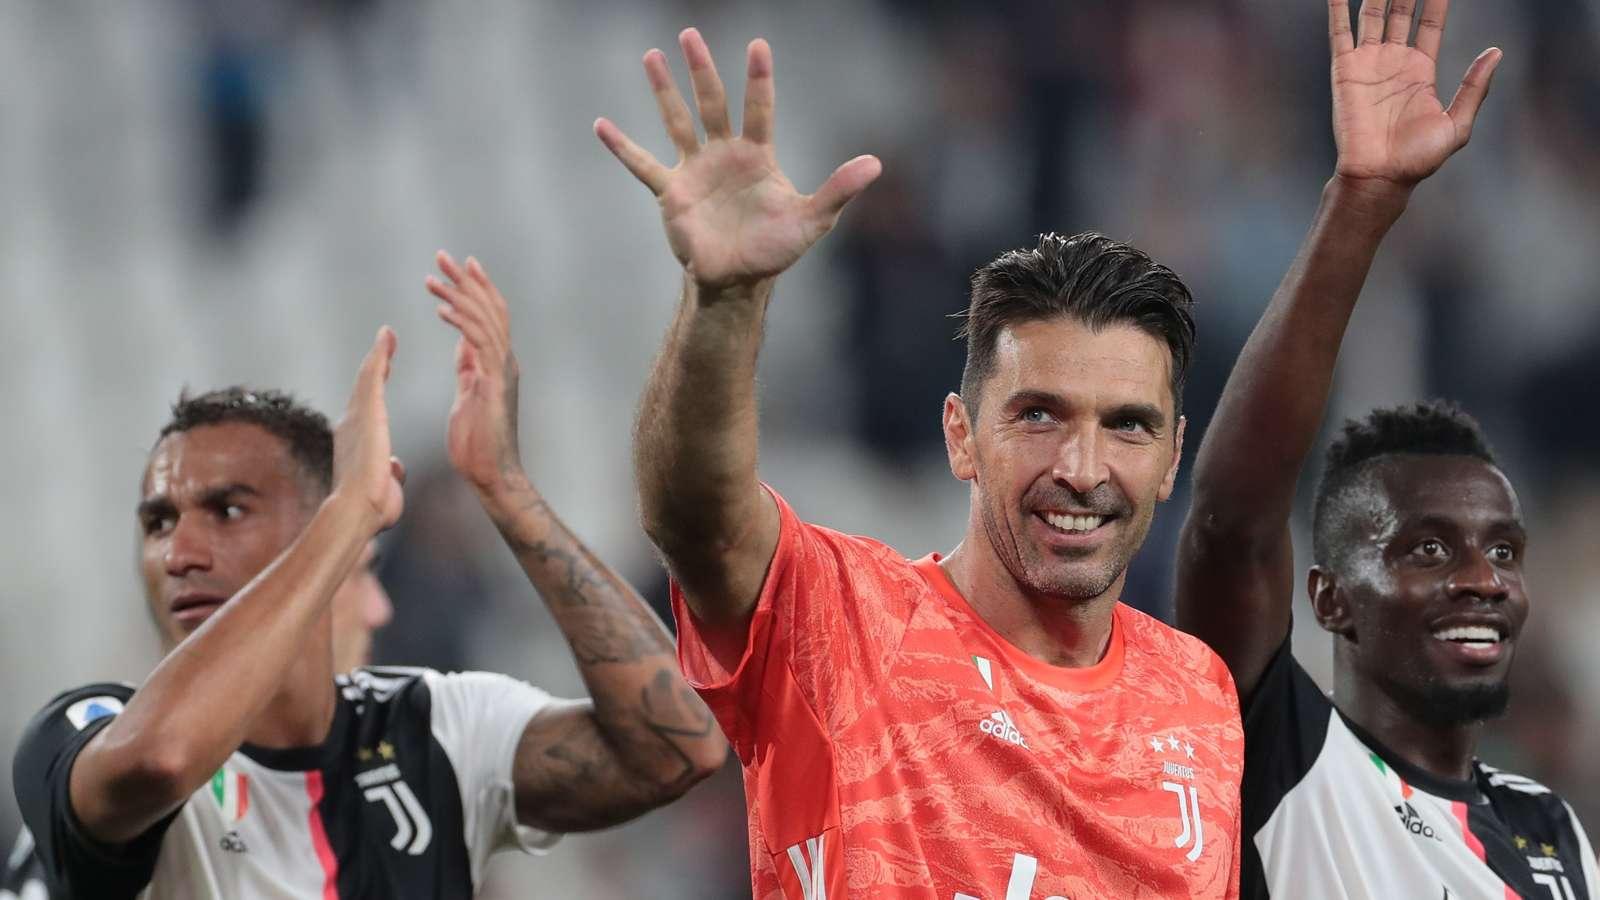 Juventus star Buffon 'very proud' after breaking Maldini's games record - Bóng Đá